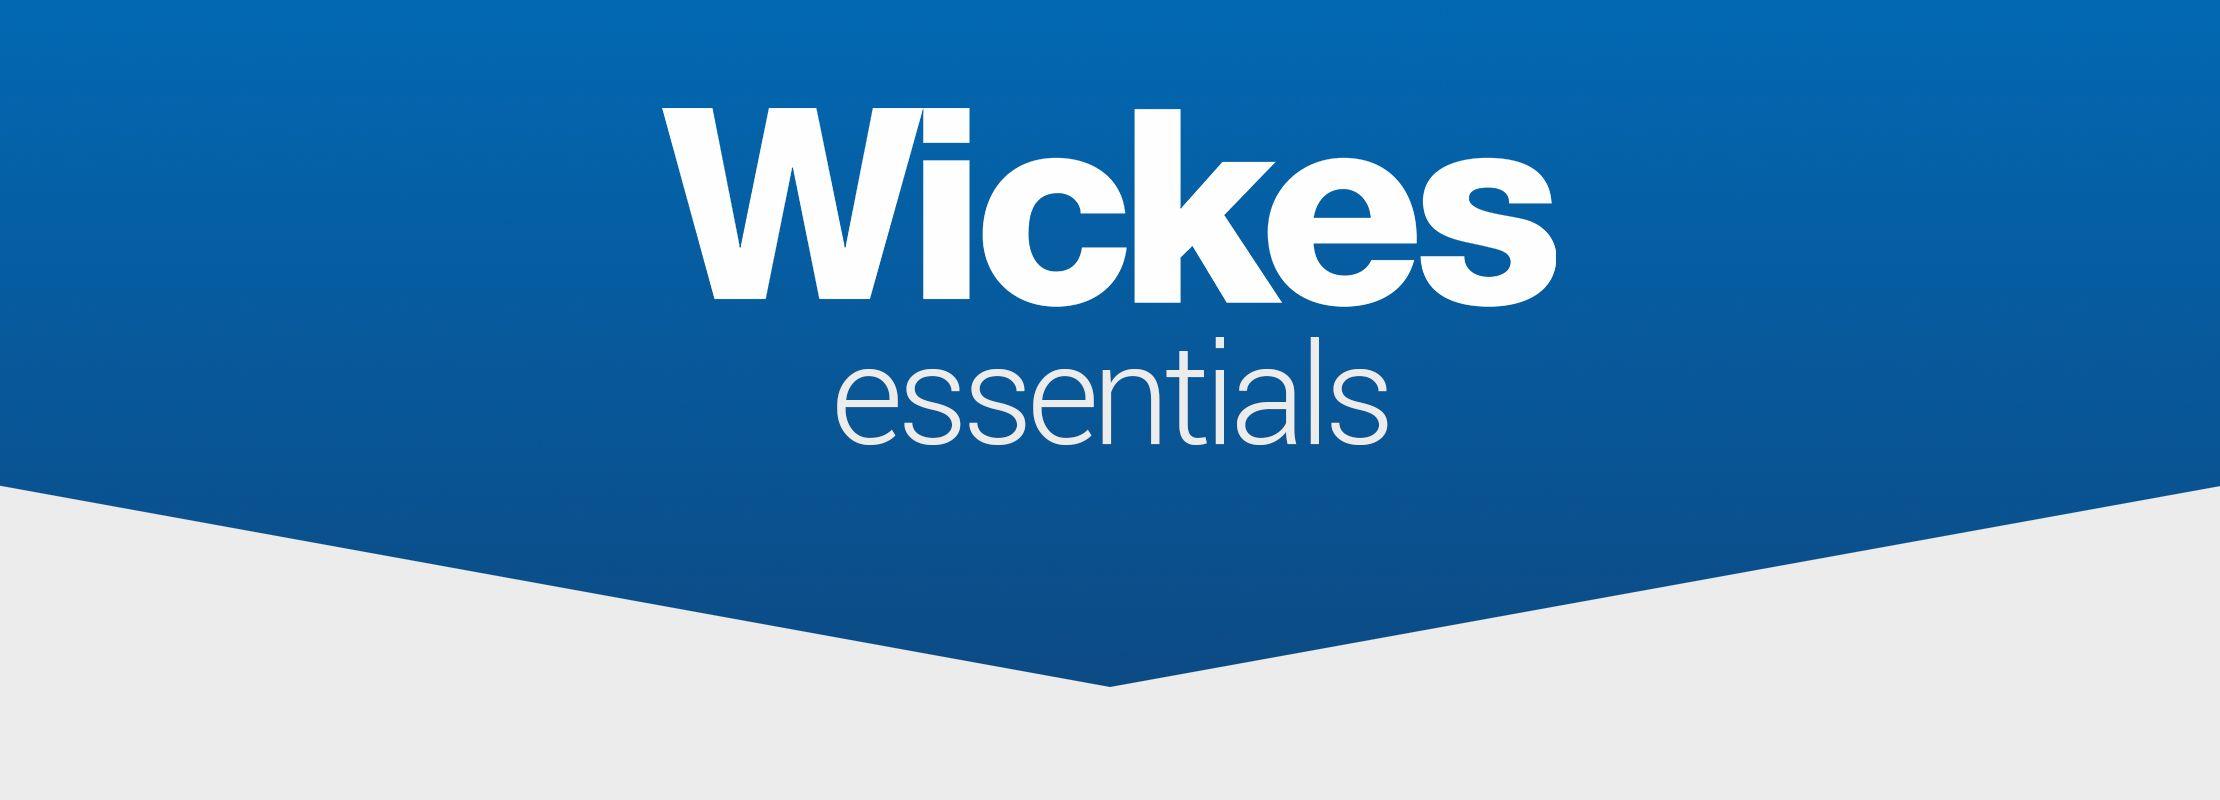 wickes essentials banner